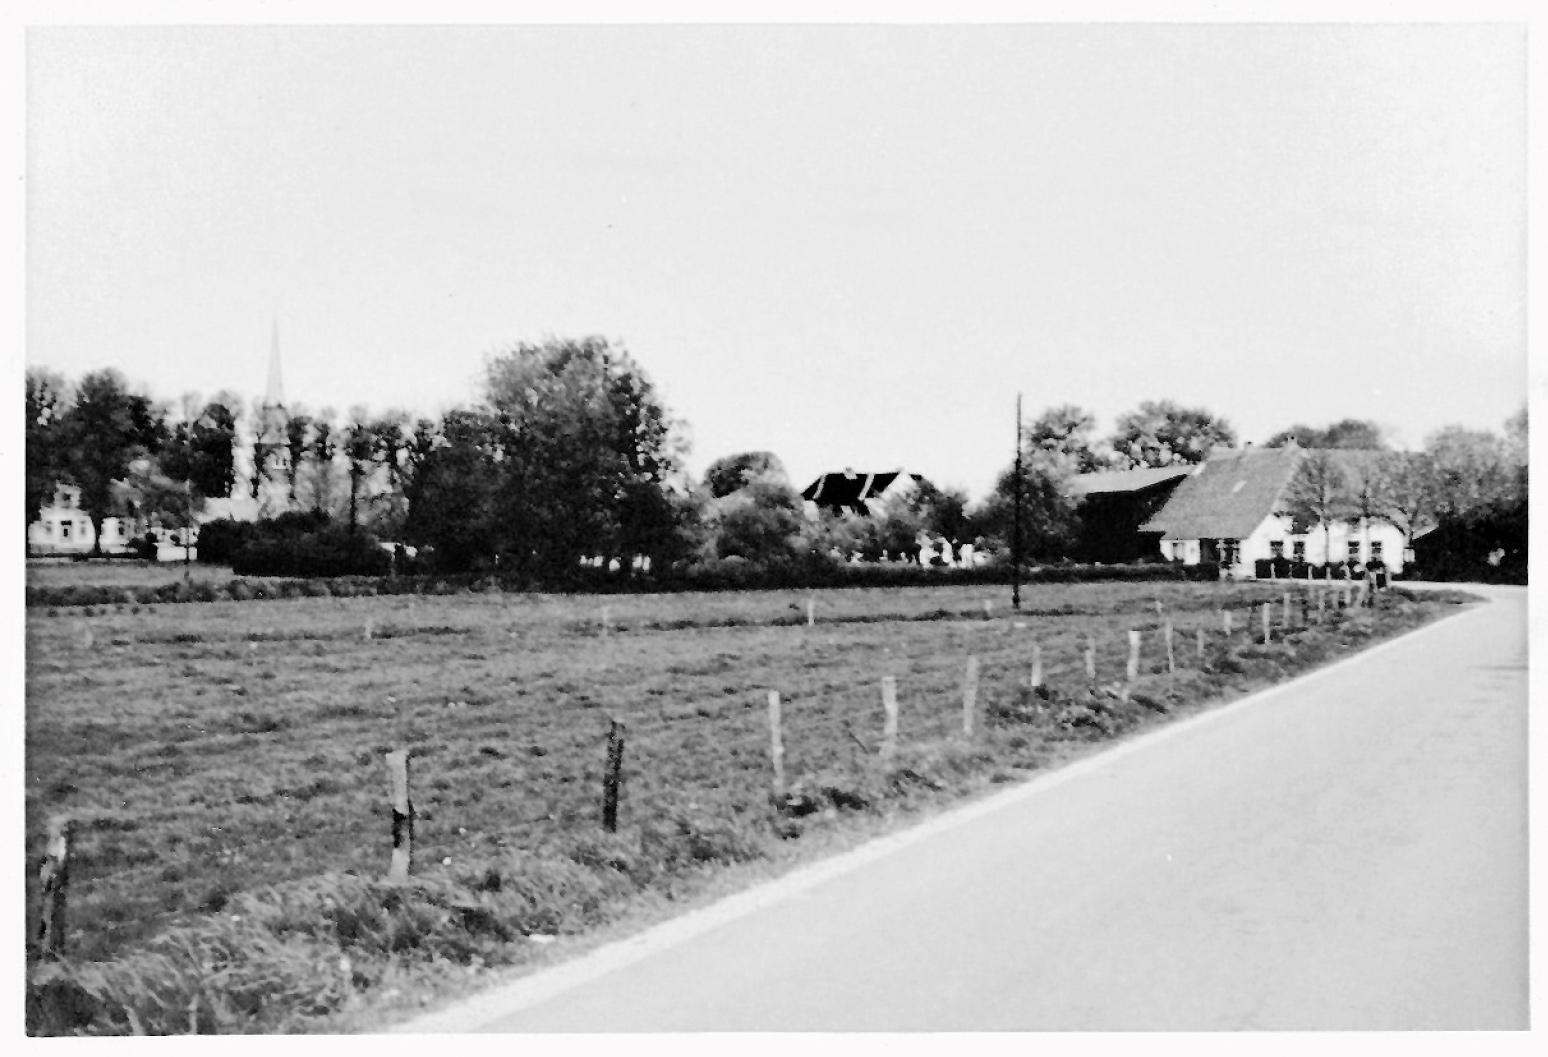 dorf_bilder/Chronik-Hennstedt-307.jpg